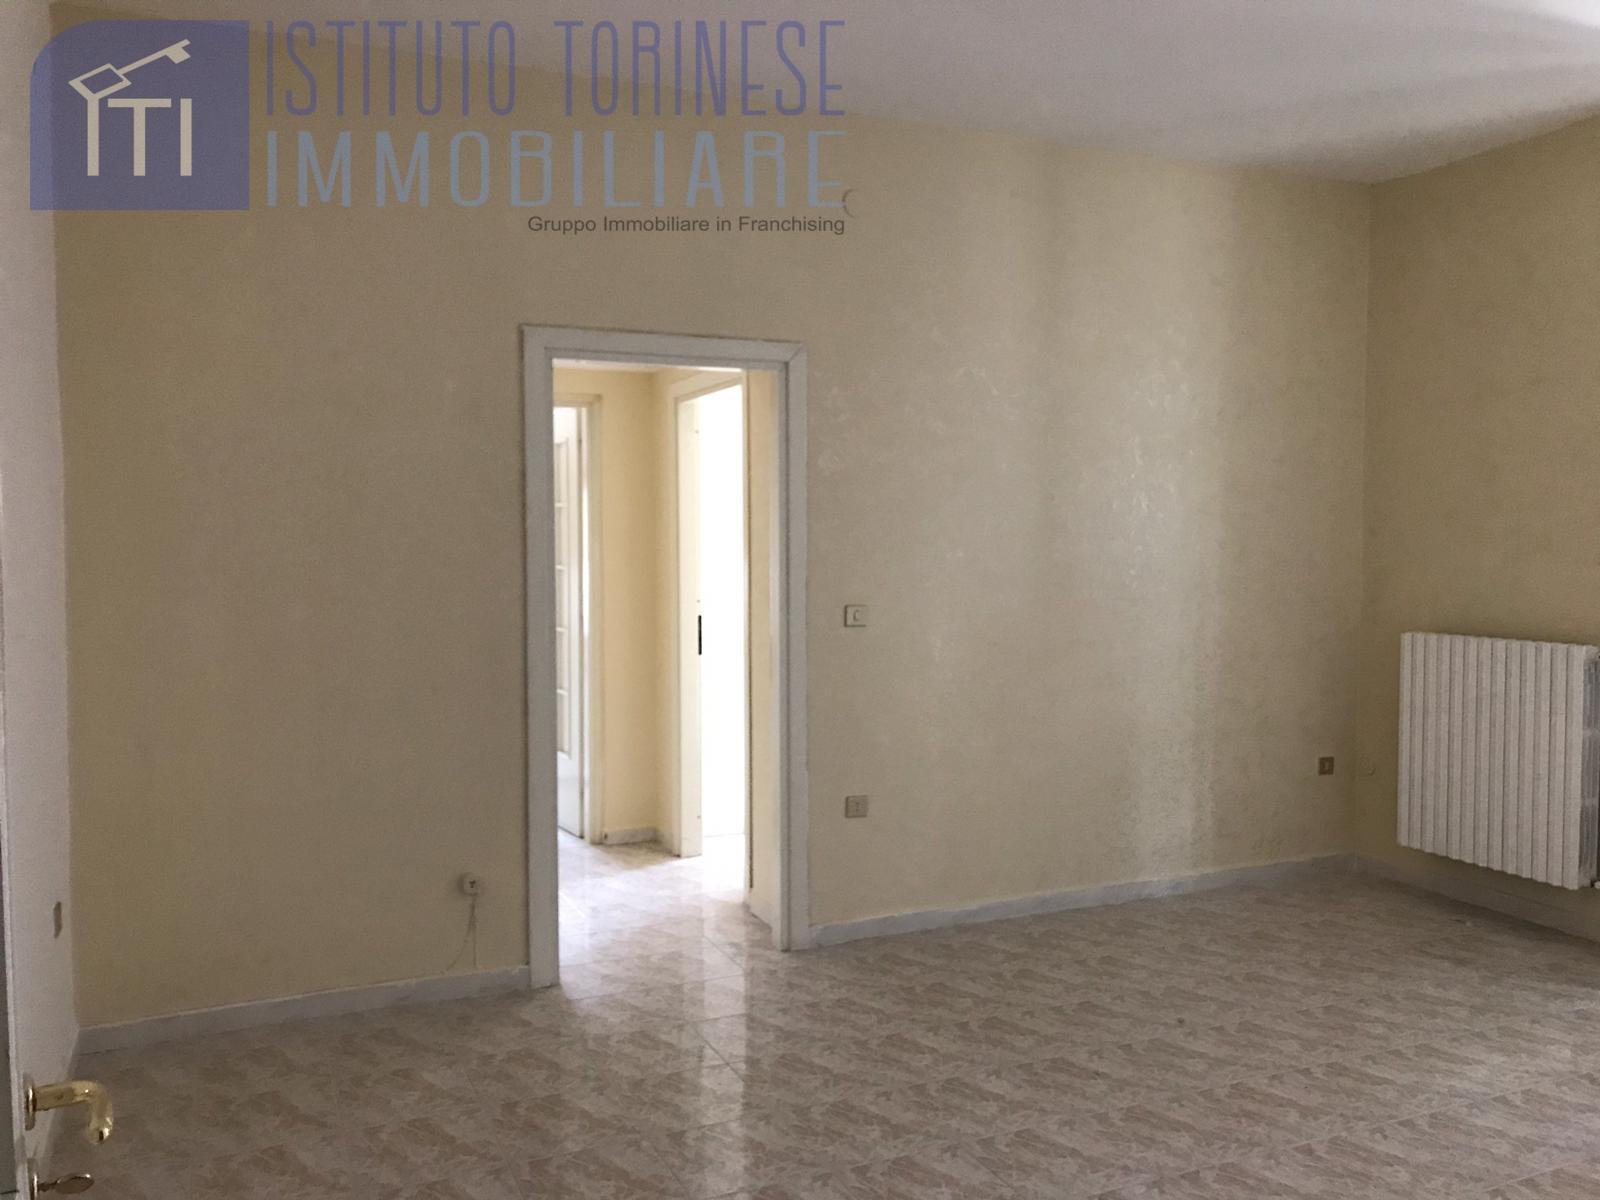 benevento vendita quart: libertà istituto-torinese-immobiliare